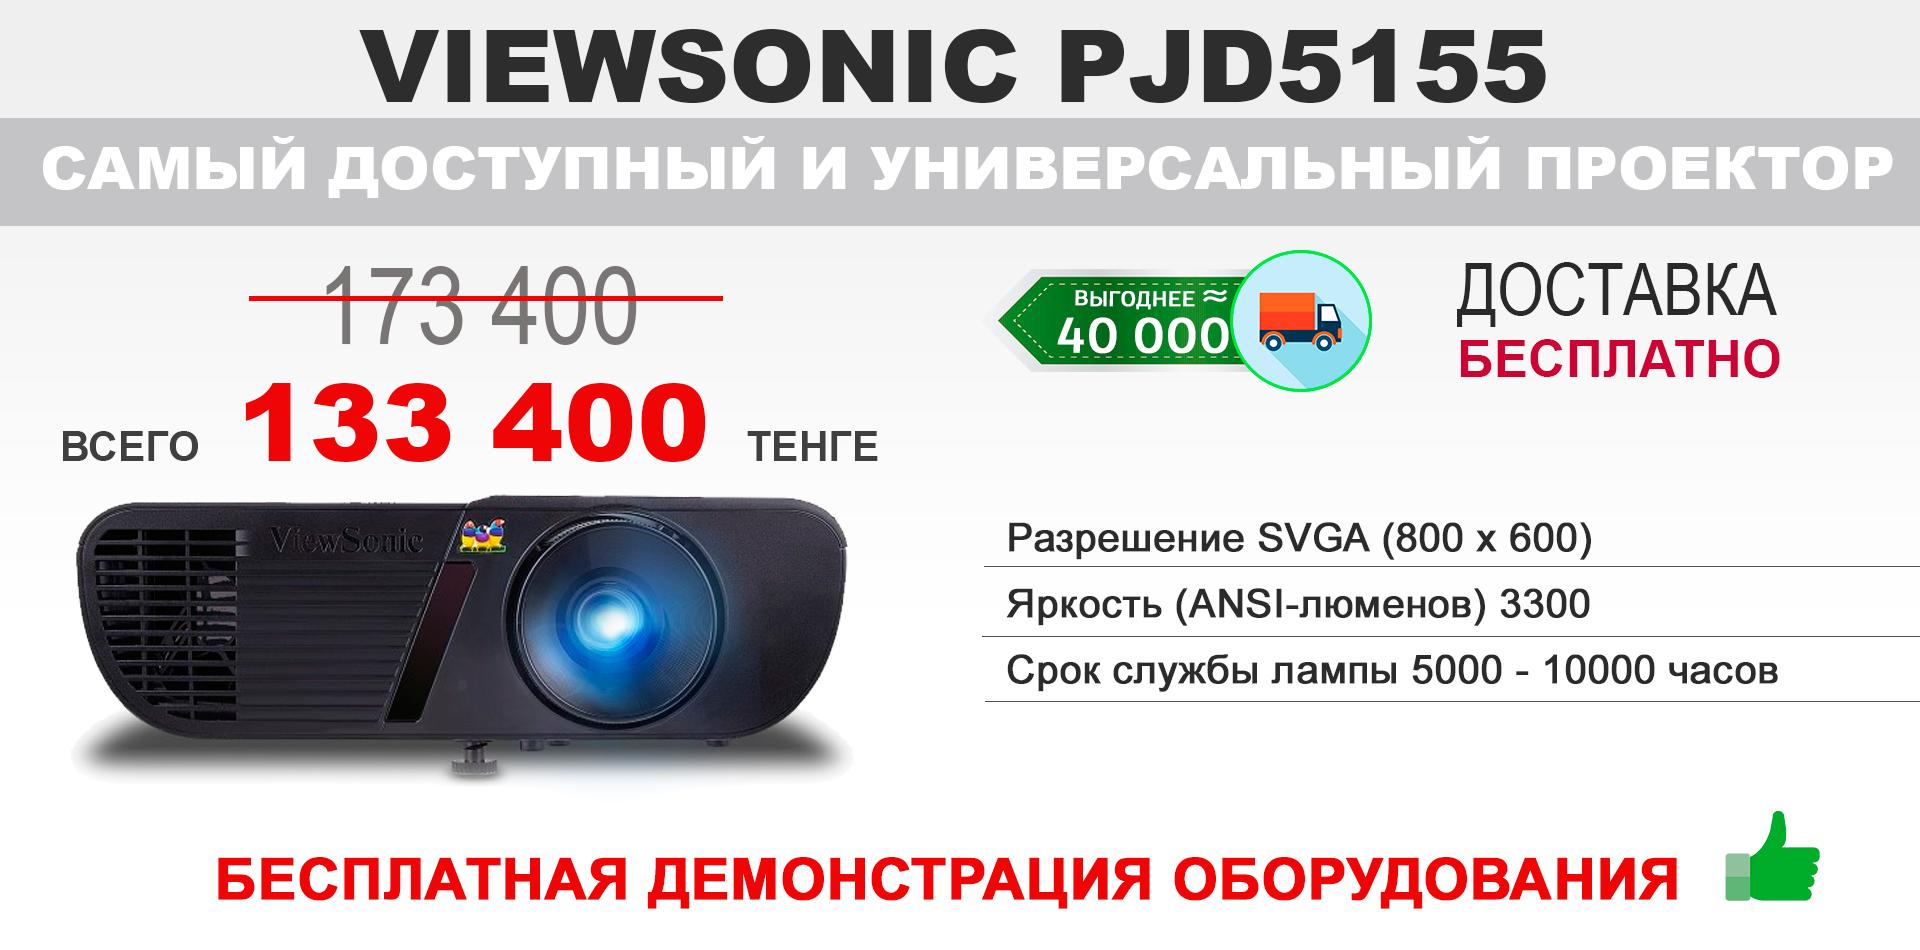 ПРОЕКТОР УНИВЕРСАЛЬНЫЙ VIEWSONIC PJD5155